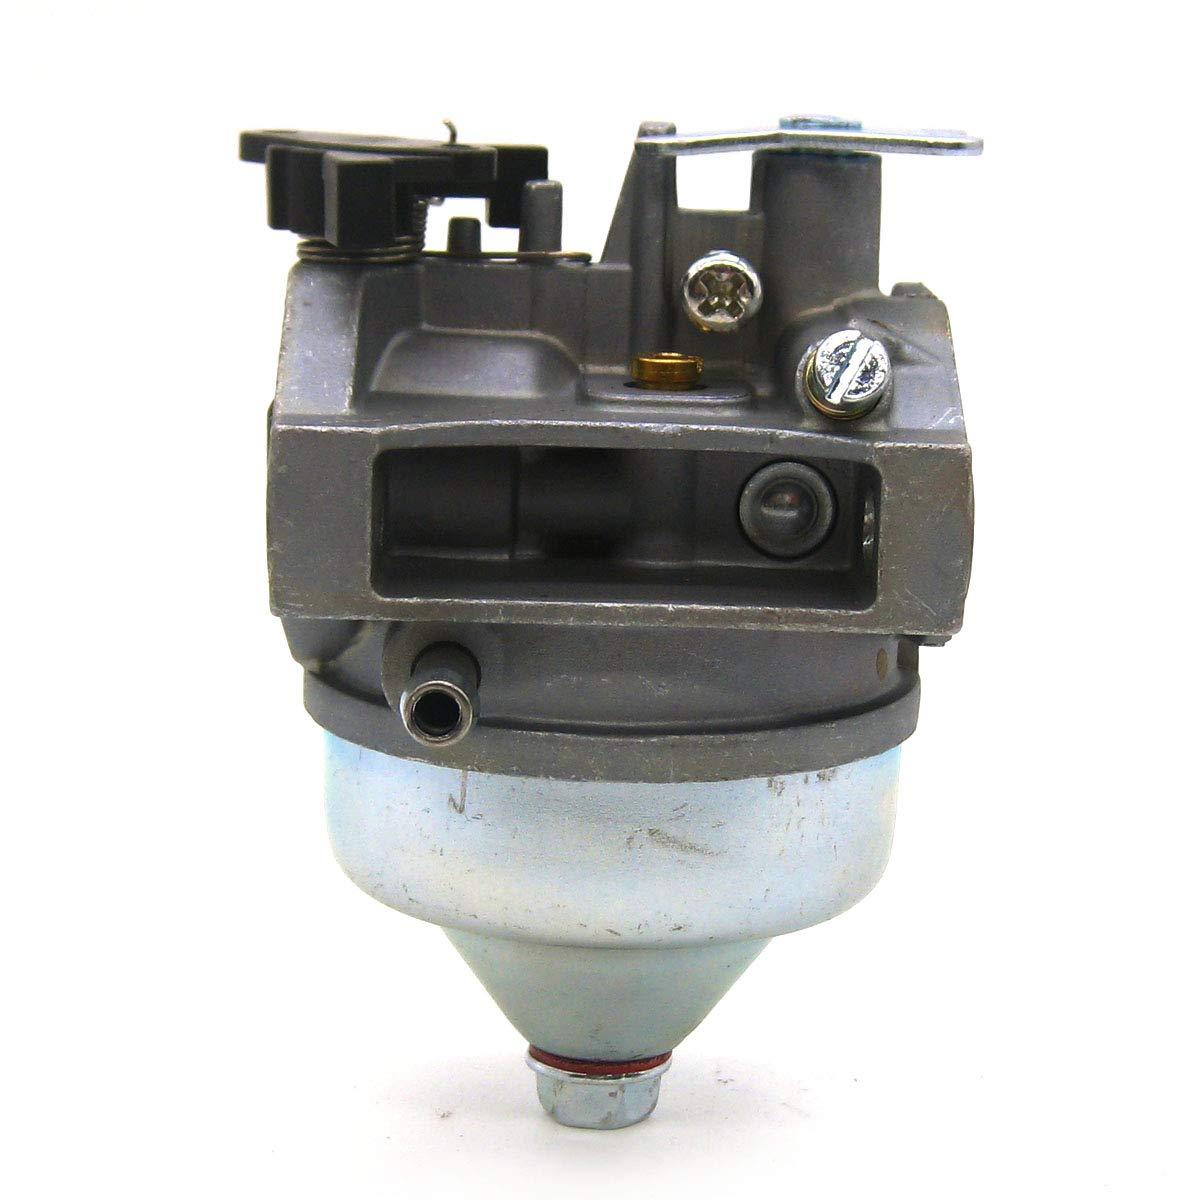 FitBest Carburetor GCV190 Fits Honda 16100-Z0Y-813 GCV190A GCV190LA HRB217 HRX217 HRX217K1 HRX217K2 Engines Carb